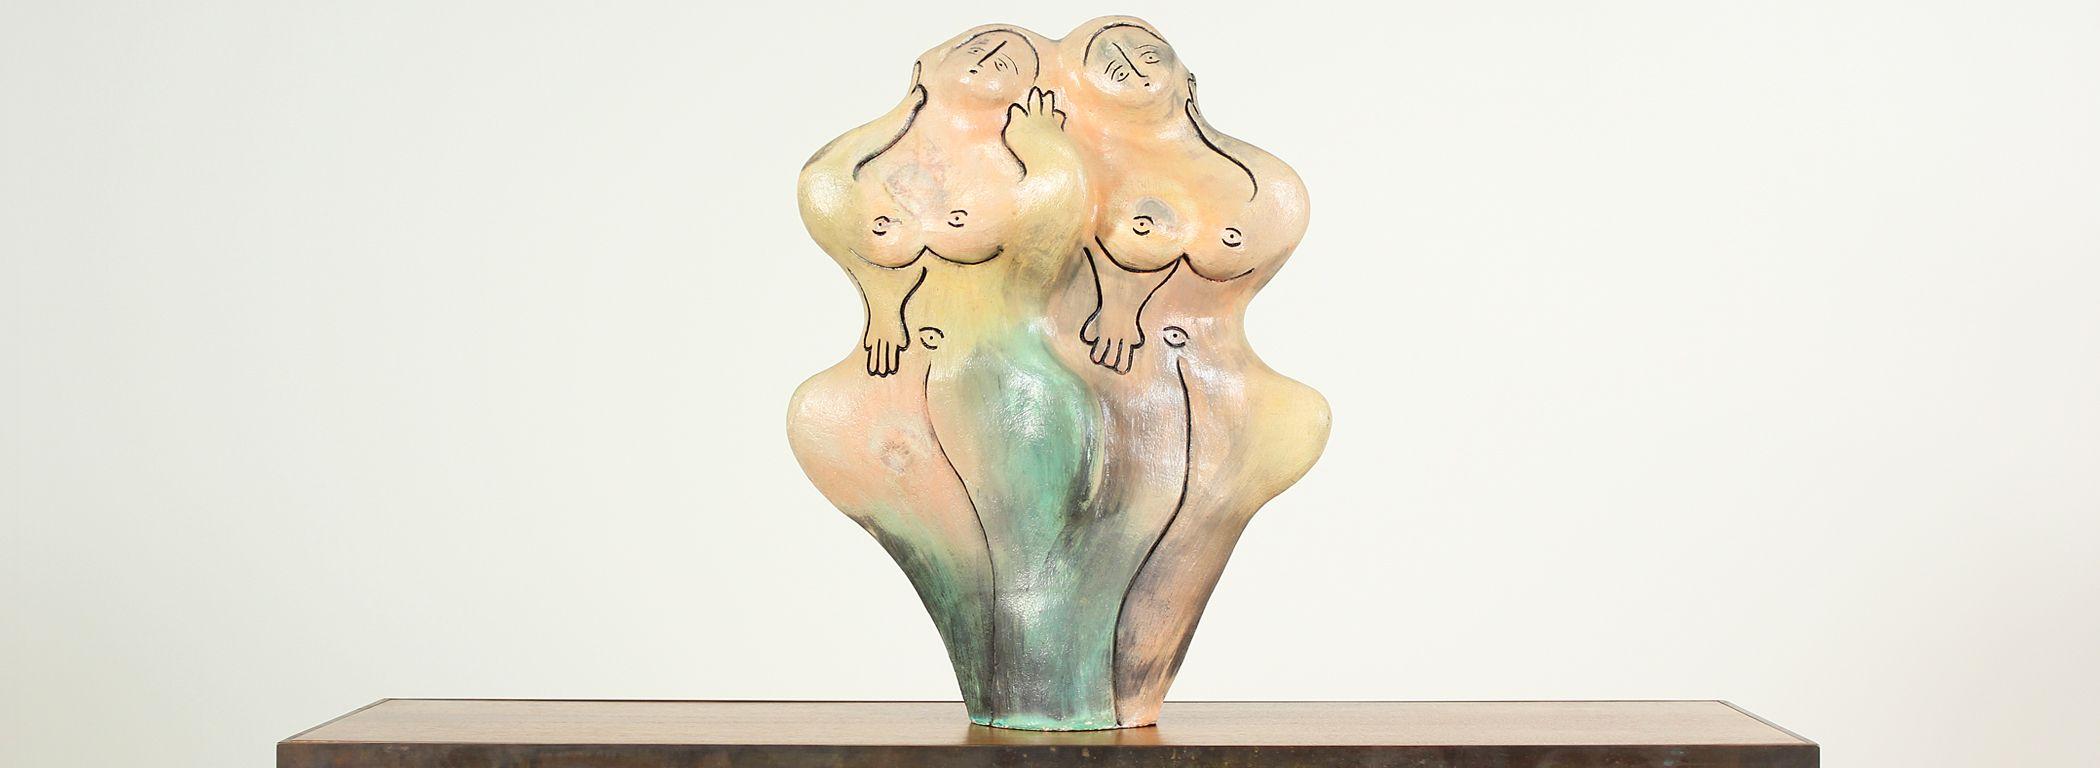 Mid-Century Ceramic Nude Women Sculpture Image